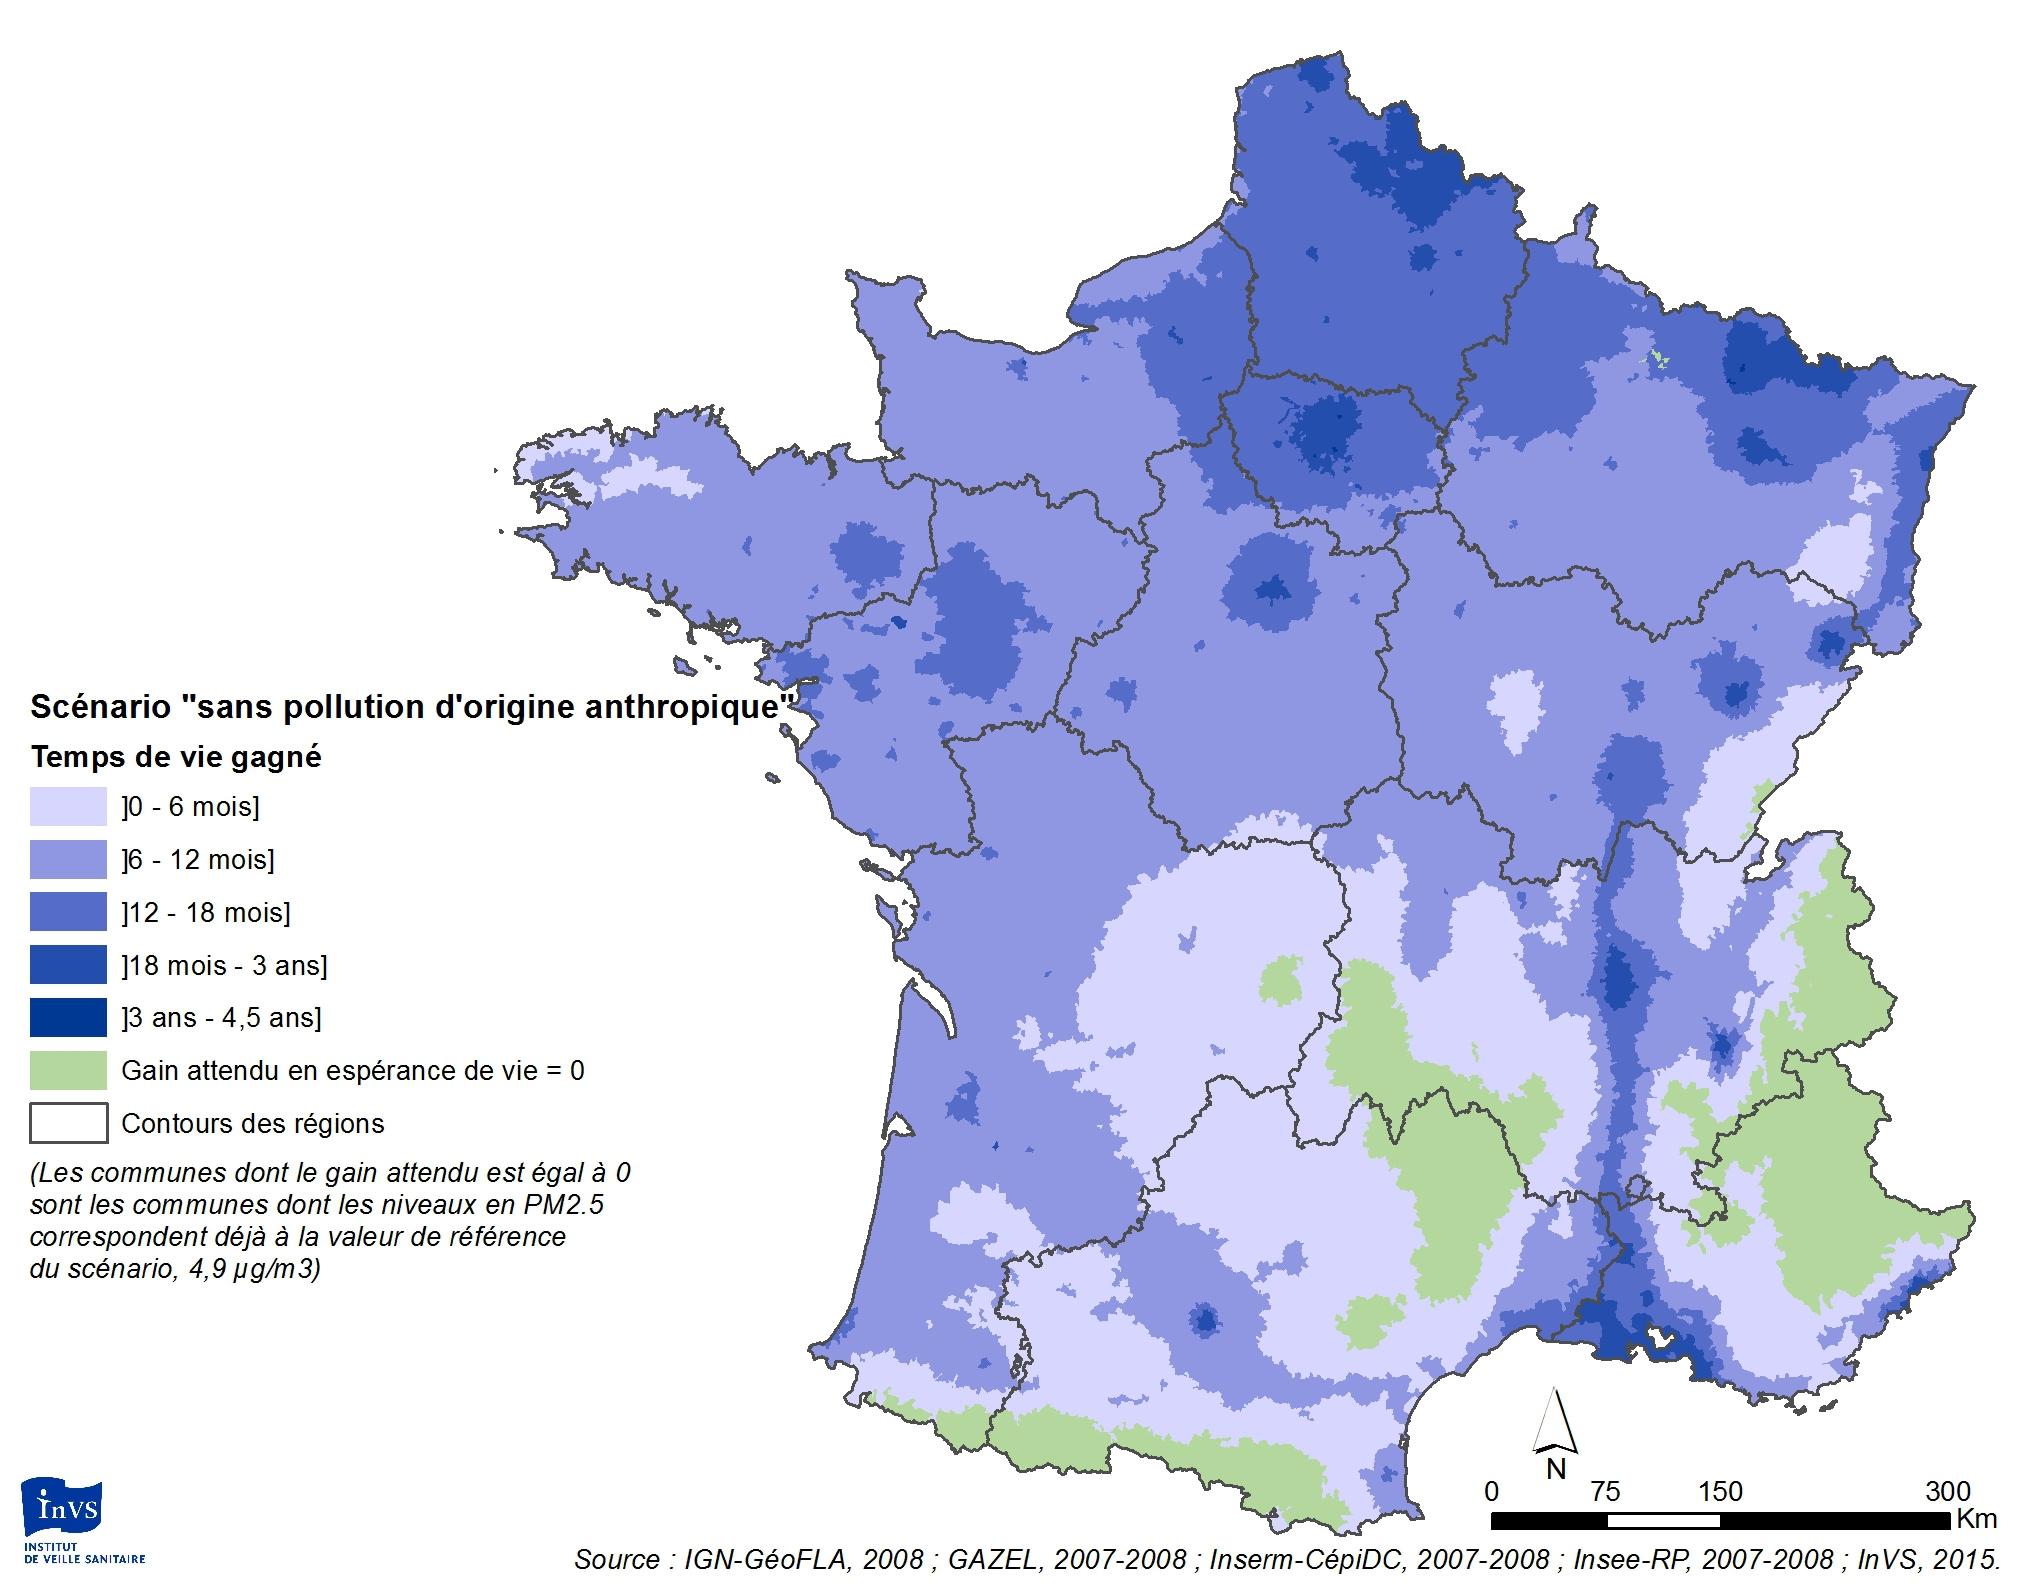 Cartes. Combien D'années D'espérance De Vie Gagneriez-Vous dedans Carte Région France 2017